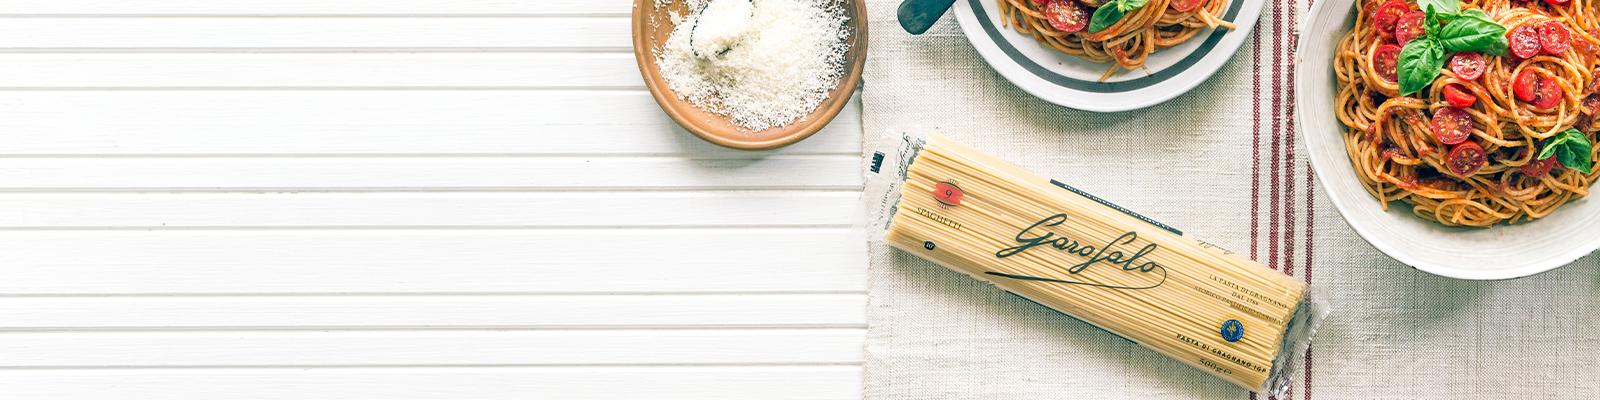 Pasta Garofalo - Pasta de Sémola de Trigo Duro